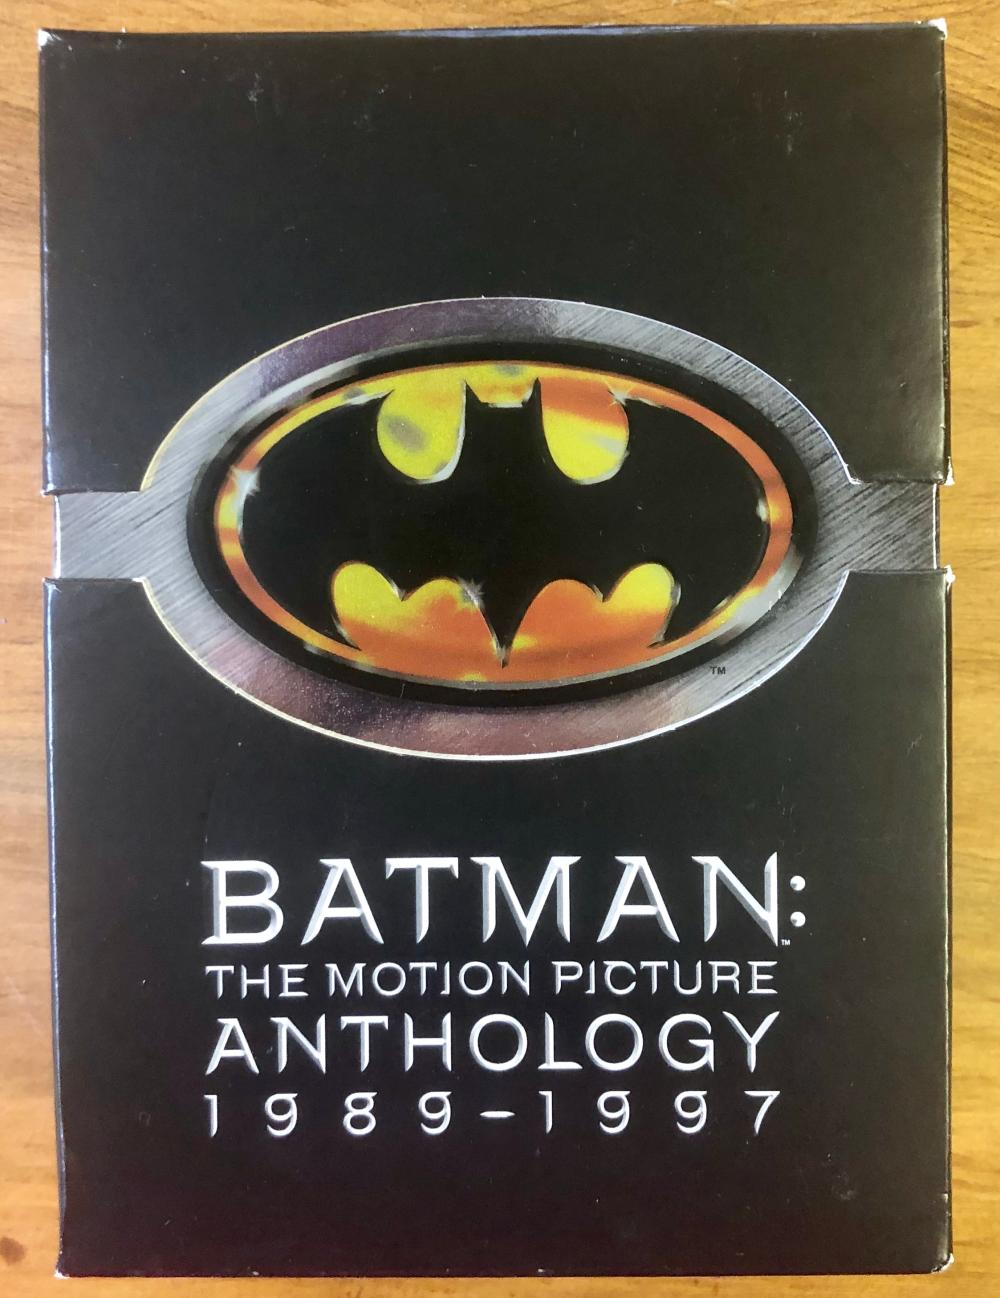 2005 DC COMICS BATMAN MOTION PICTURE ANTHOLOGY (8) DVD SET